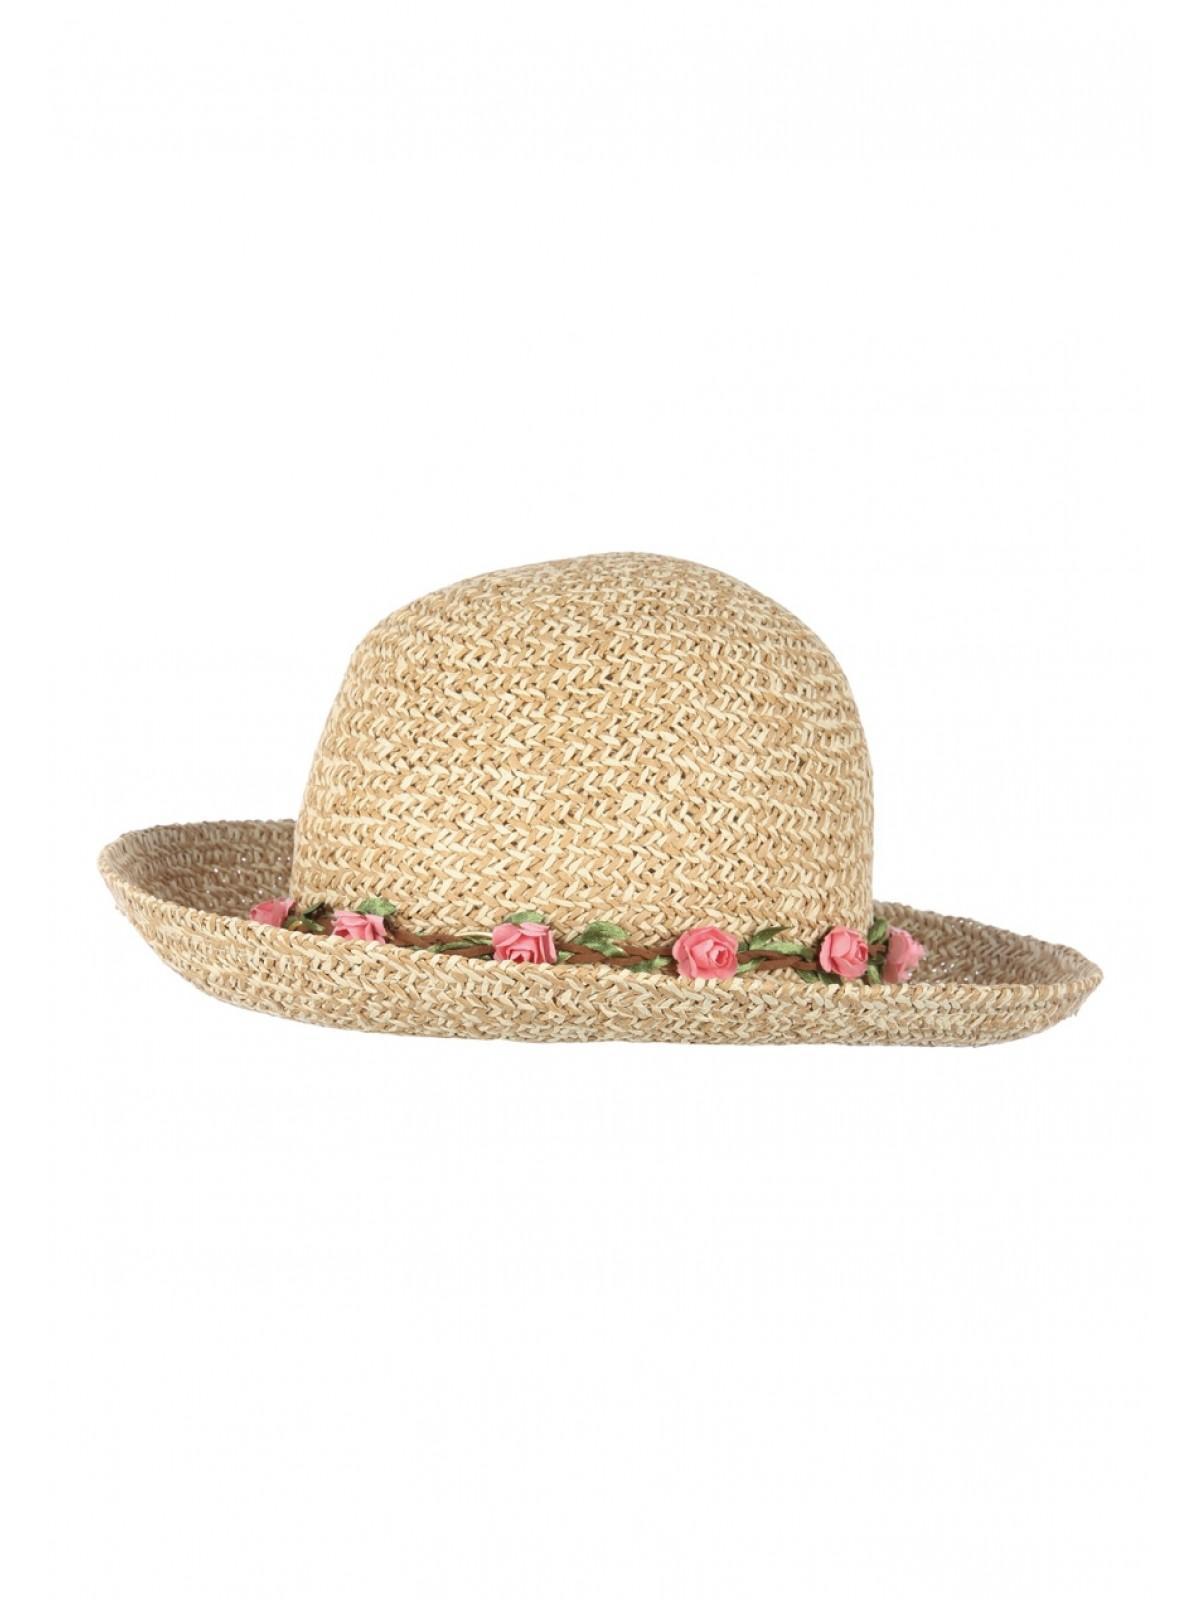 022fa96c Home; Womens Cream Garland Cloche Sun Hat. Back. PreviousNext